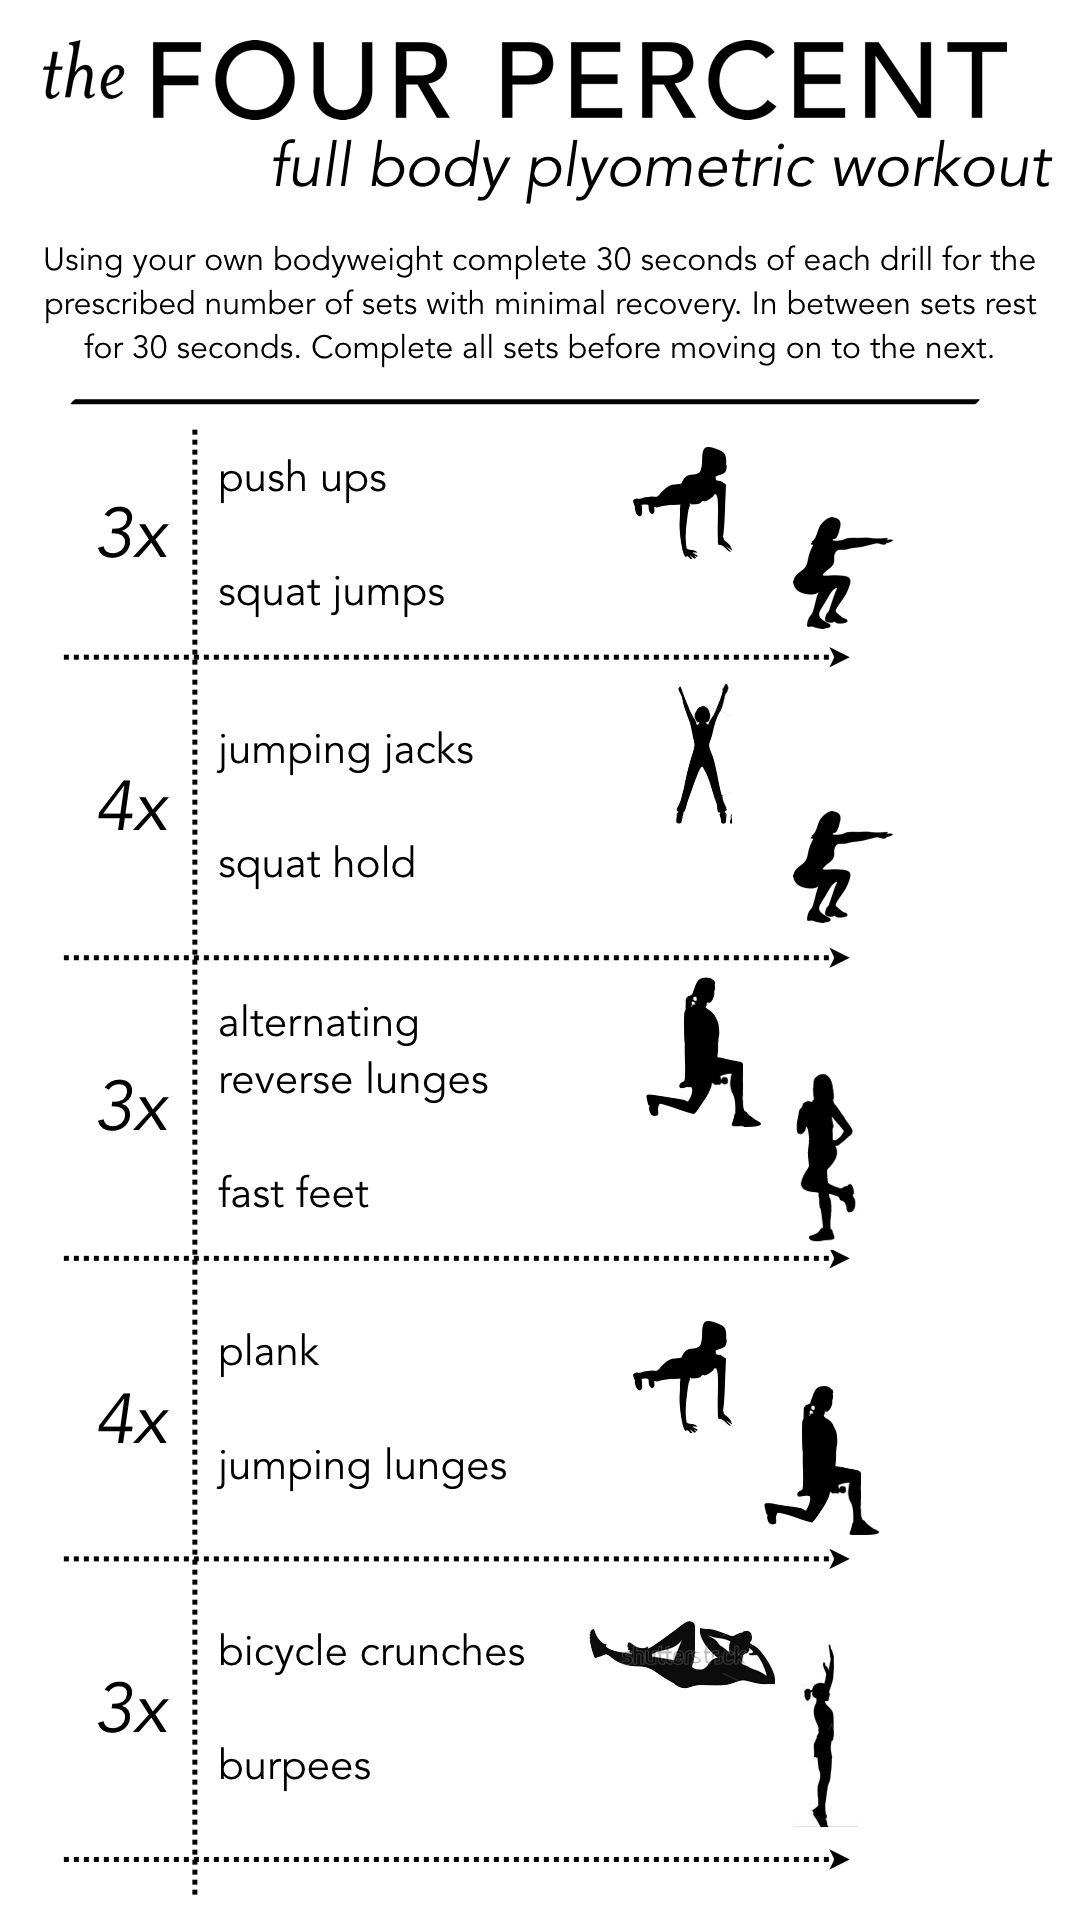 full-body-plyometric-workout | Workouts | Plyometric workout